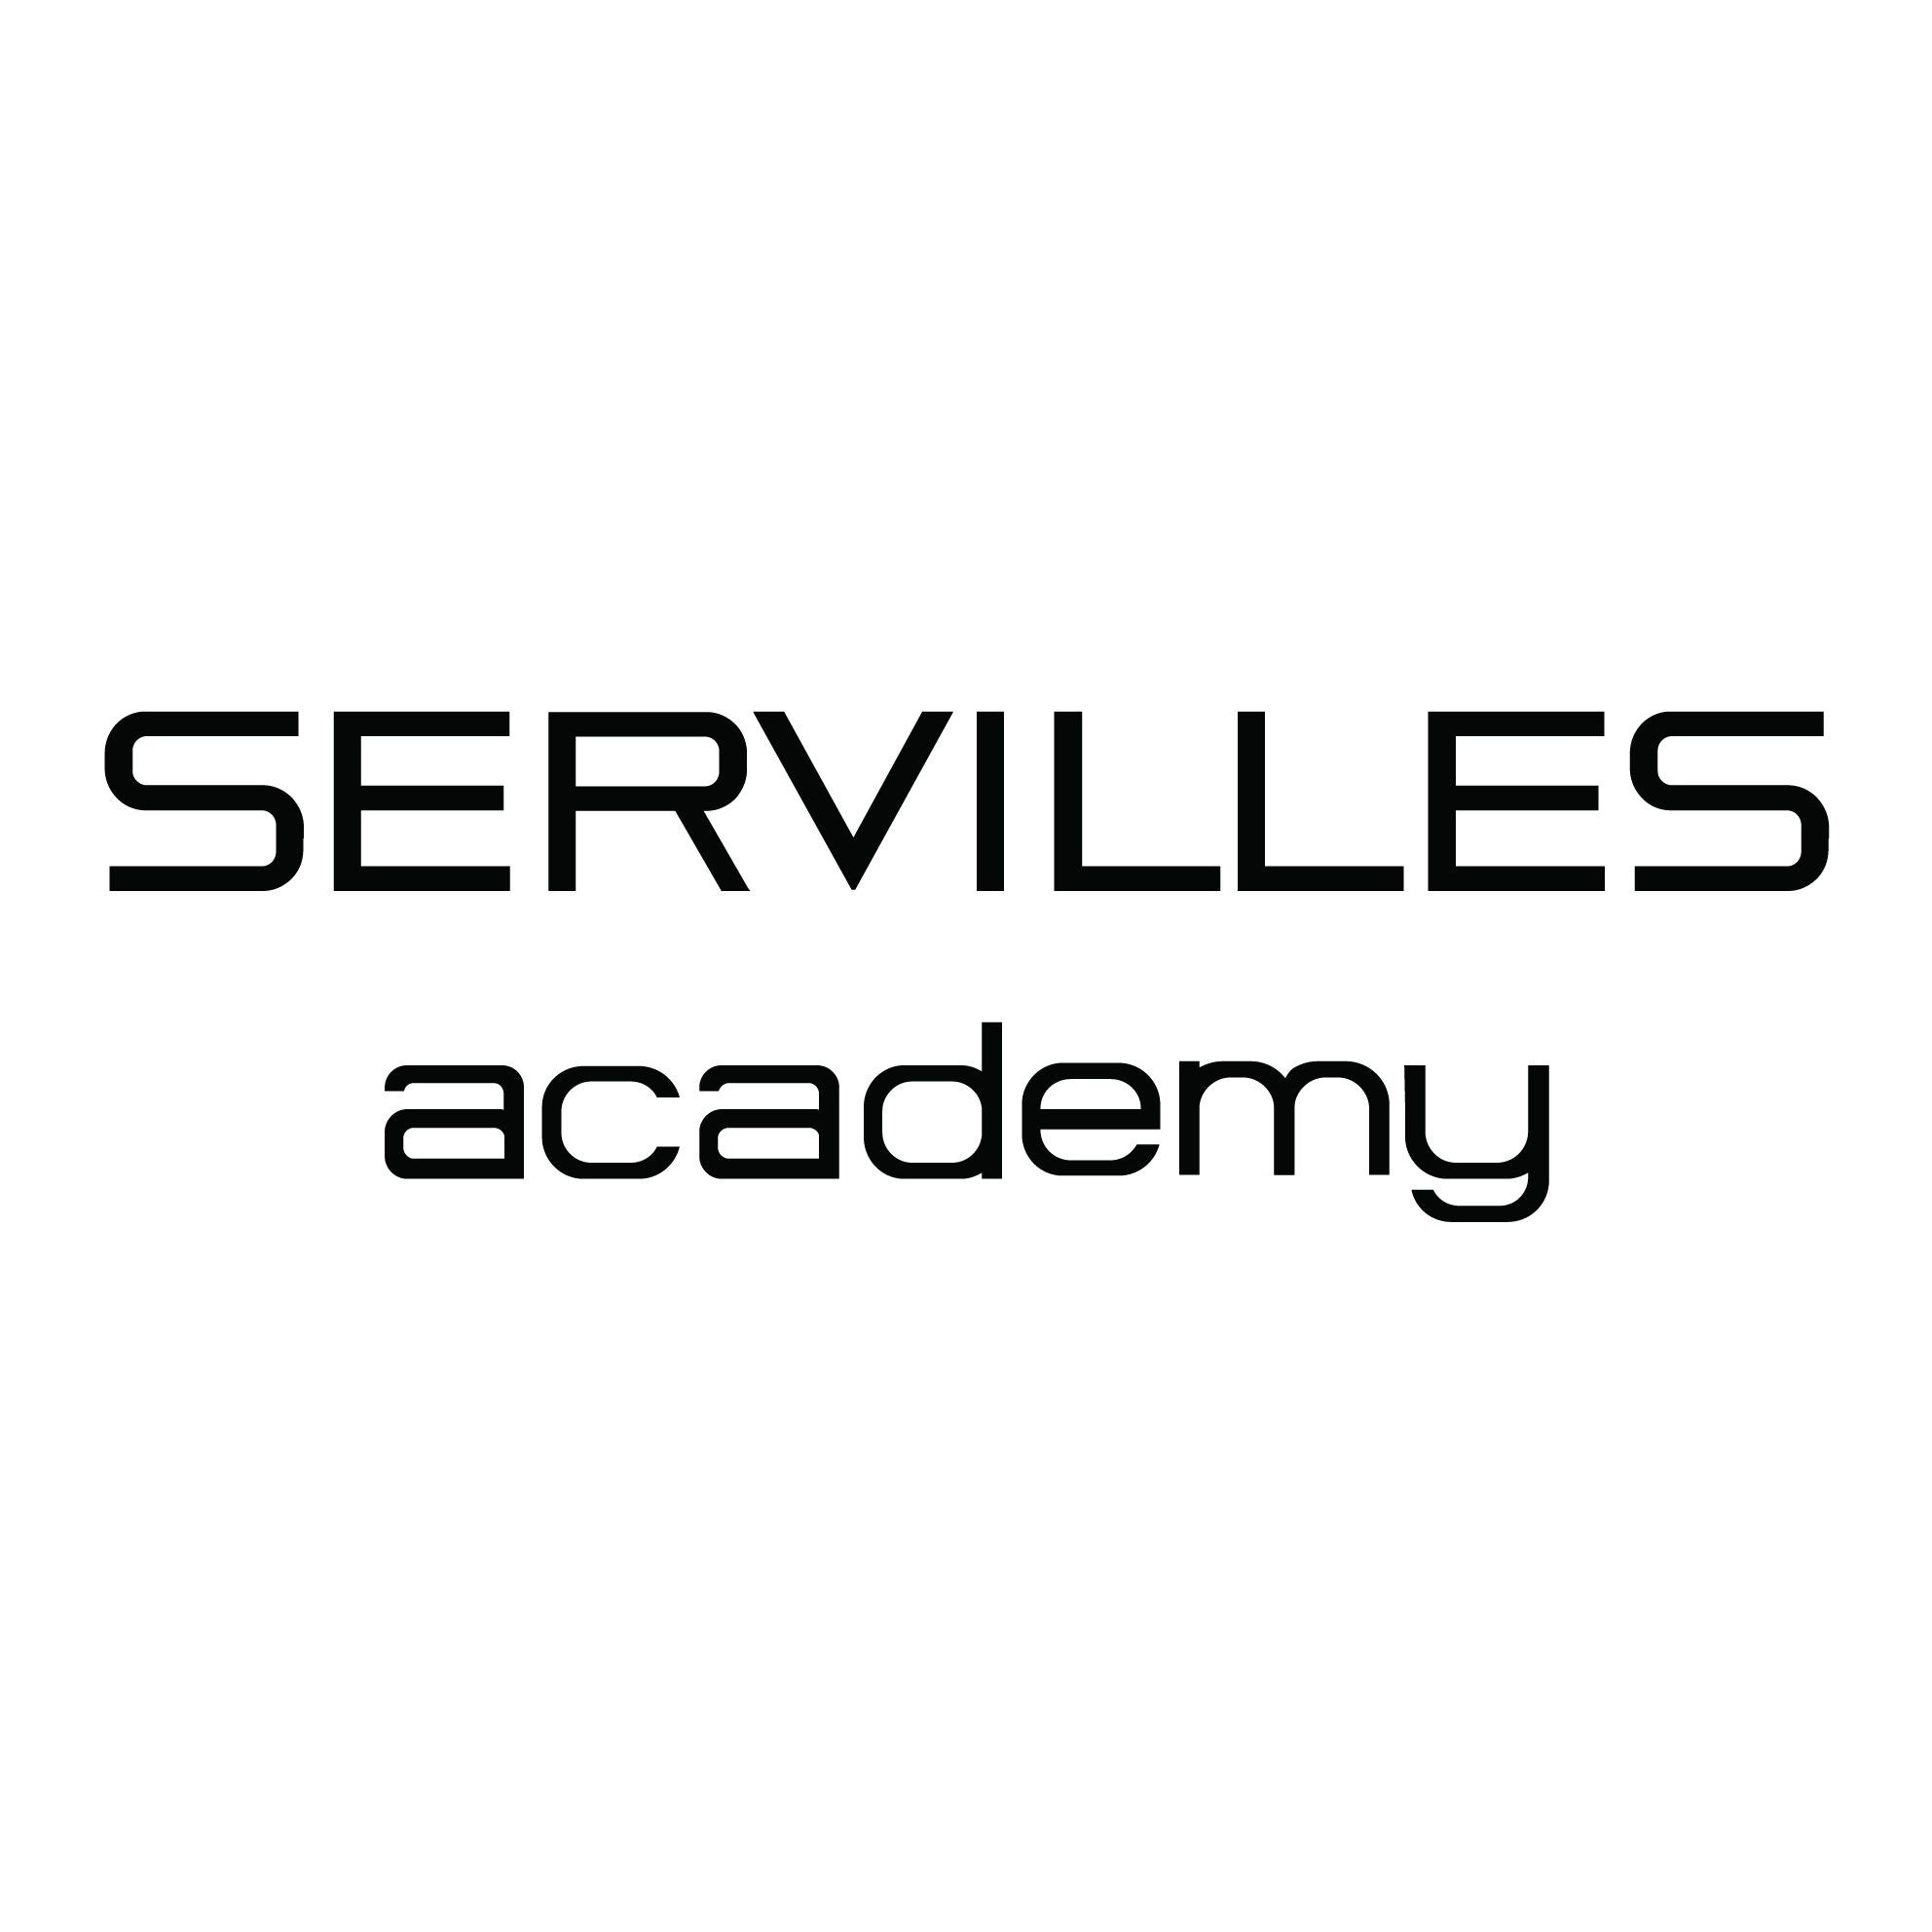 Servilles Academy